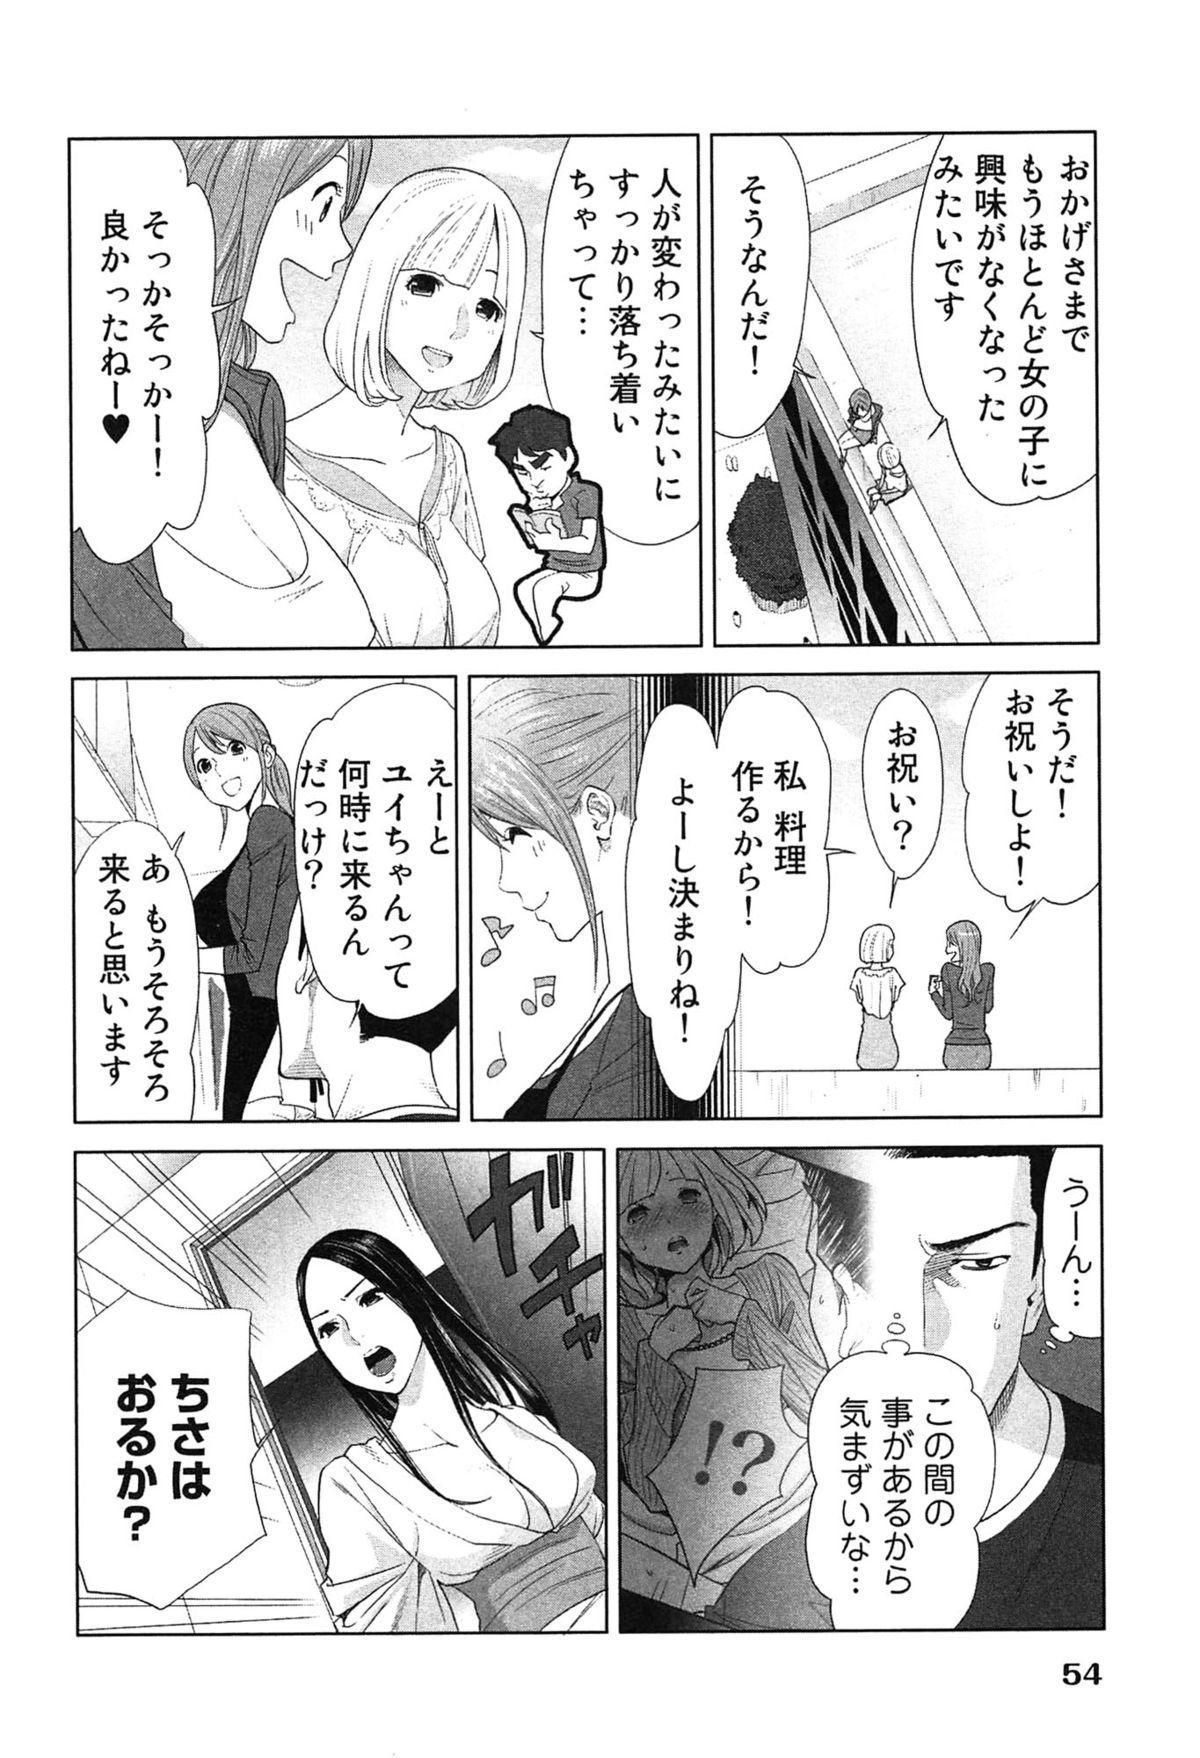 Megami to Ichinen Kura Shite Mita. 2 57